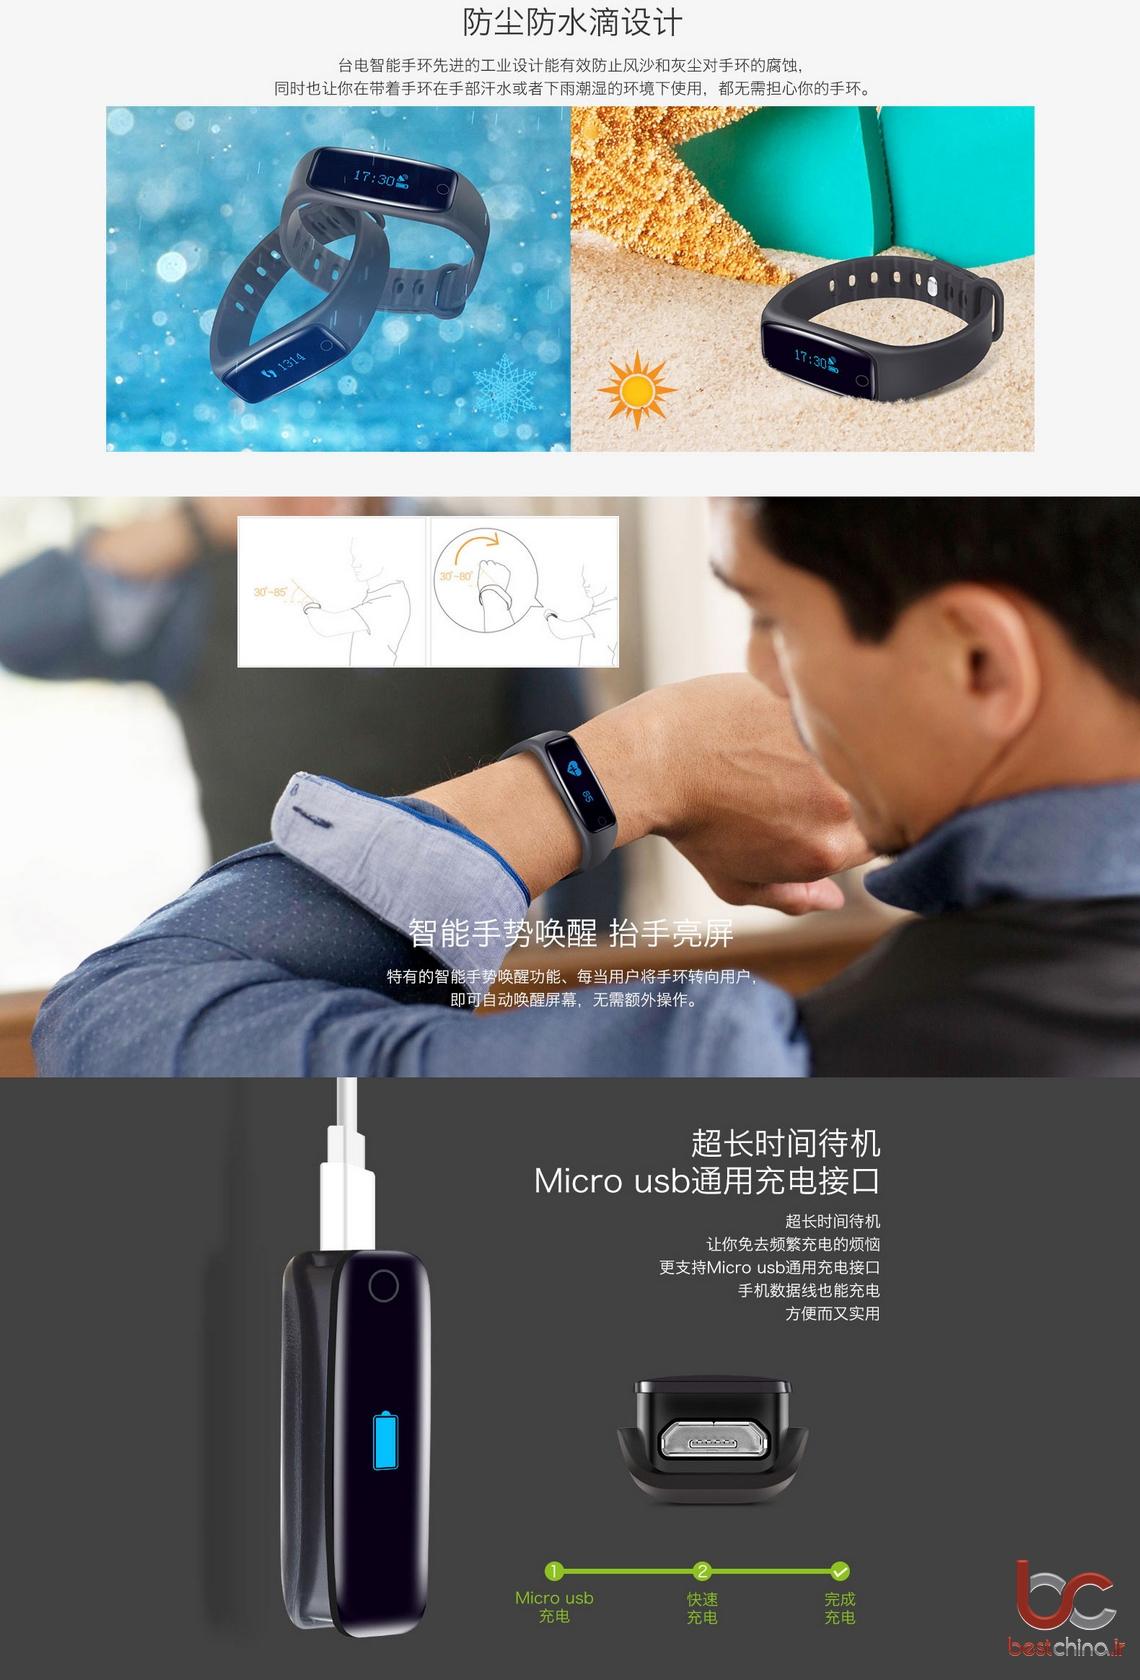 Teclast H30 smart bracelet (13)